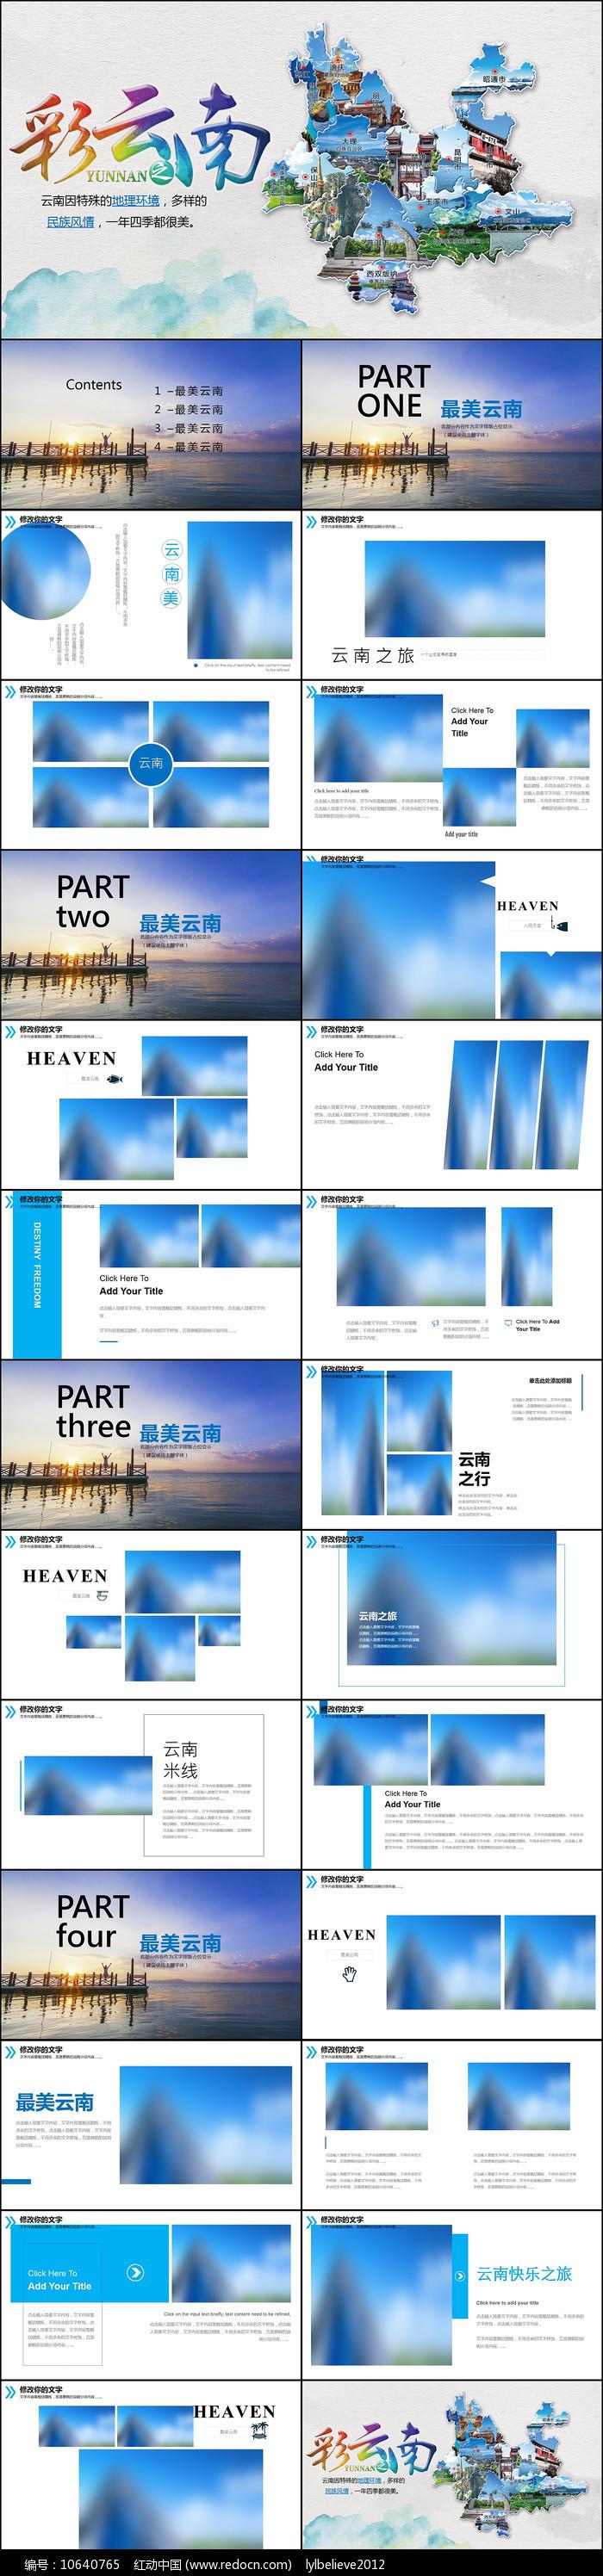 云南印象彩云之南风景旅游画册PPT图片